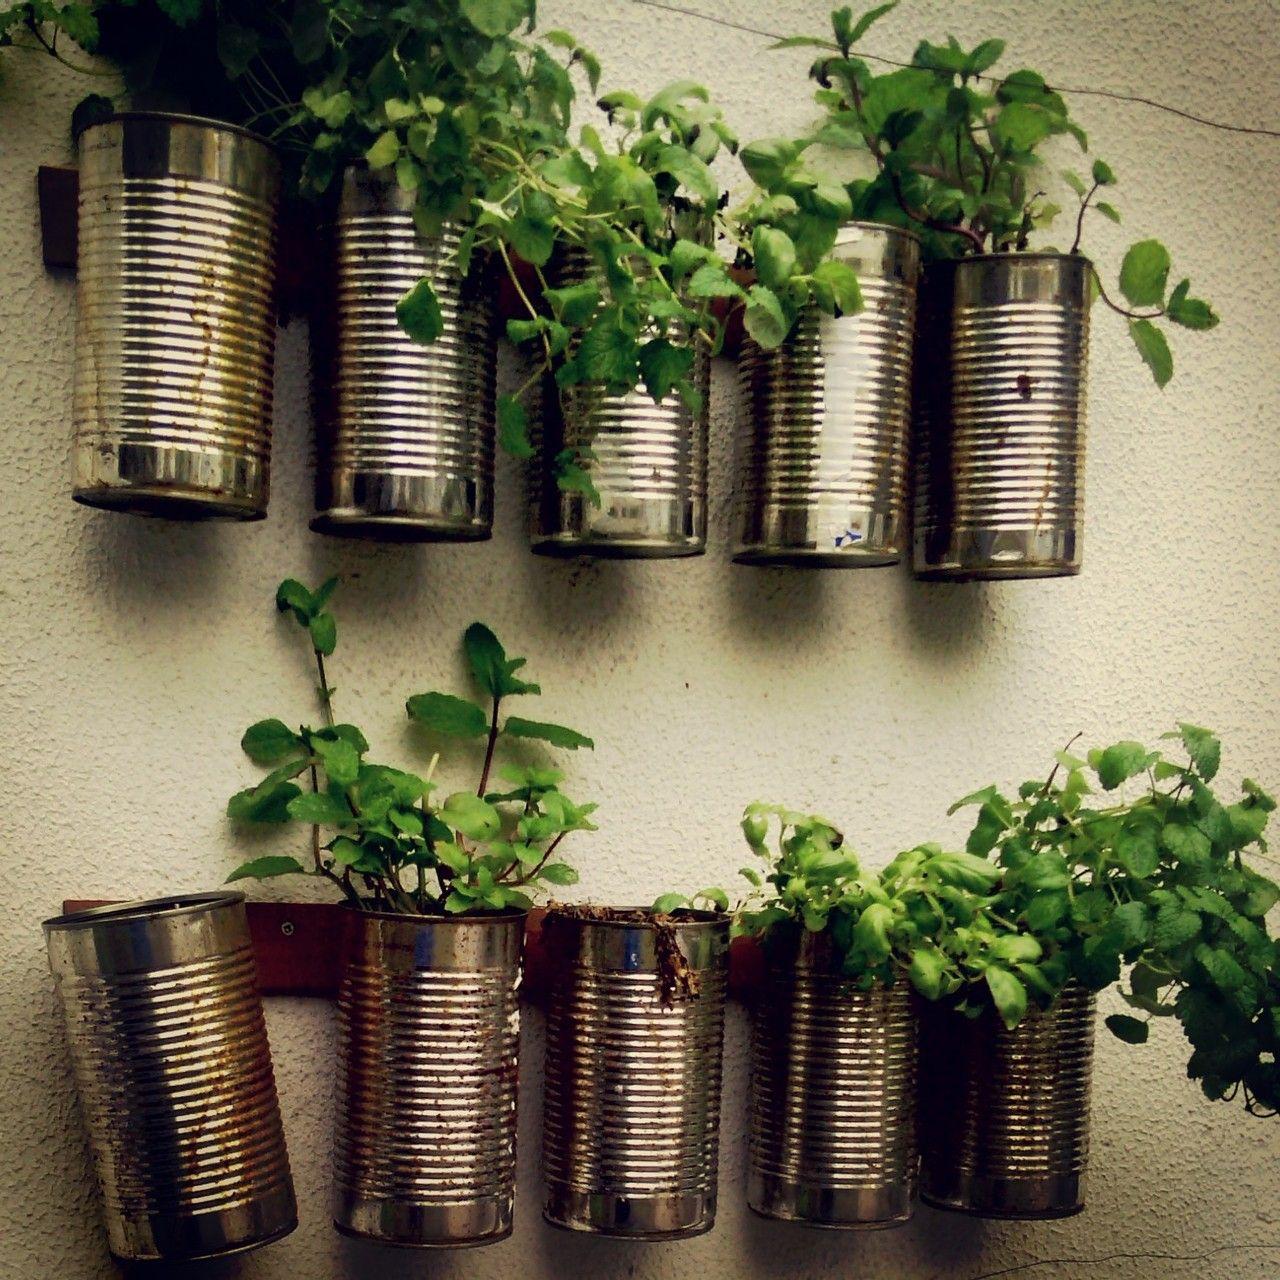 http://pecaapeca.tumblr.com/post/87782427081/como-reciclar-latas